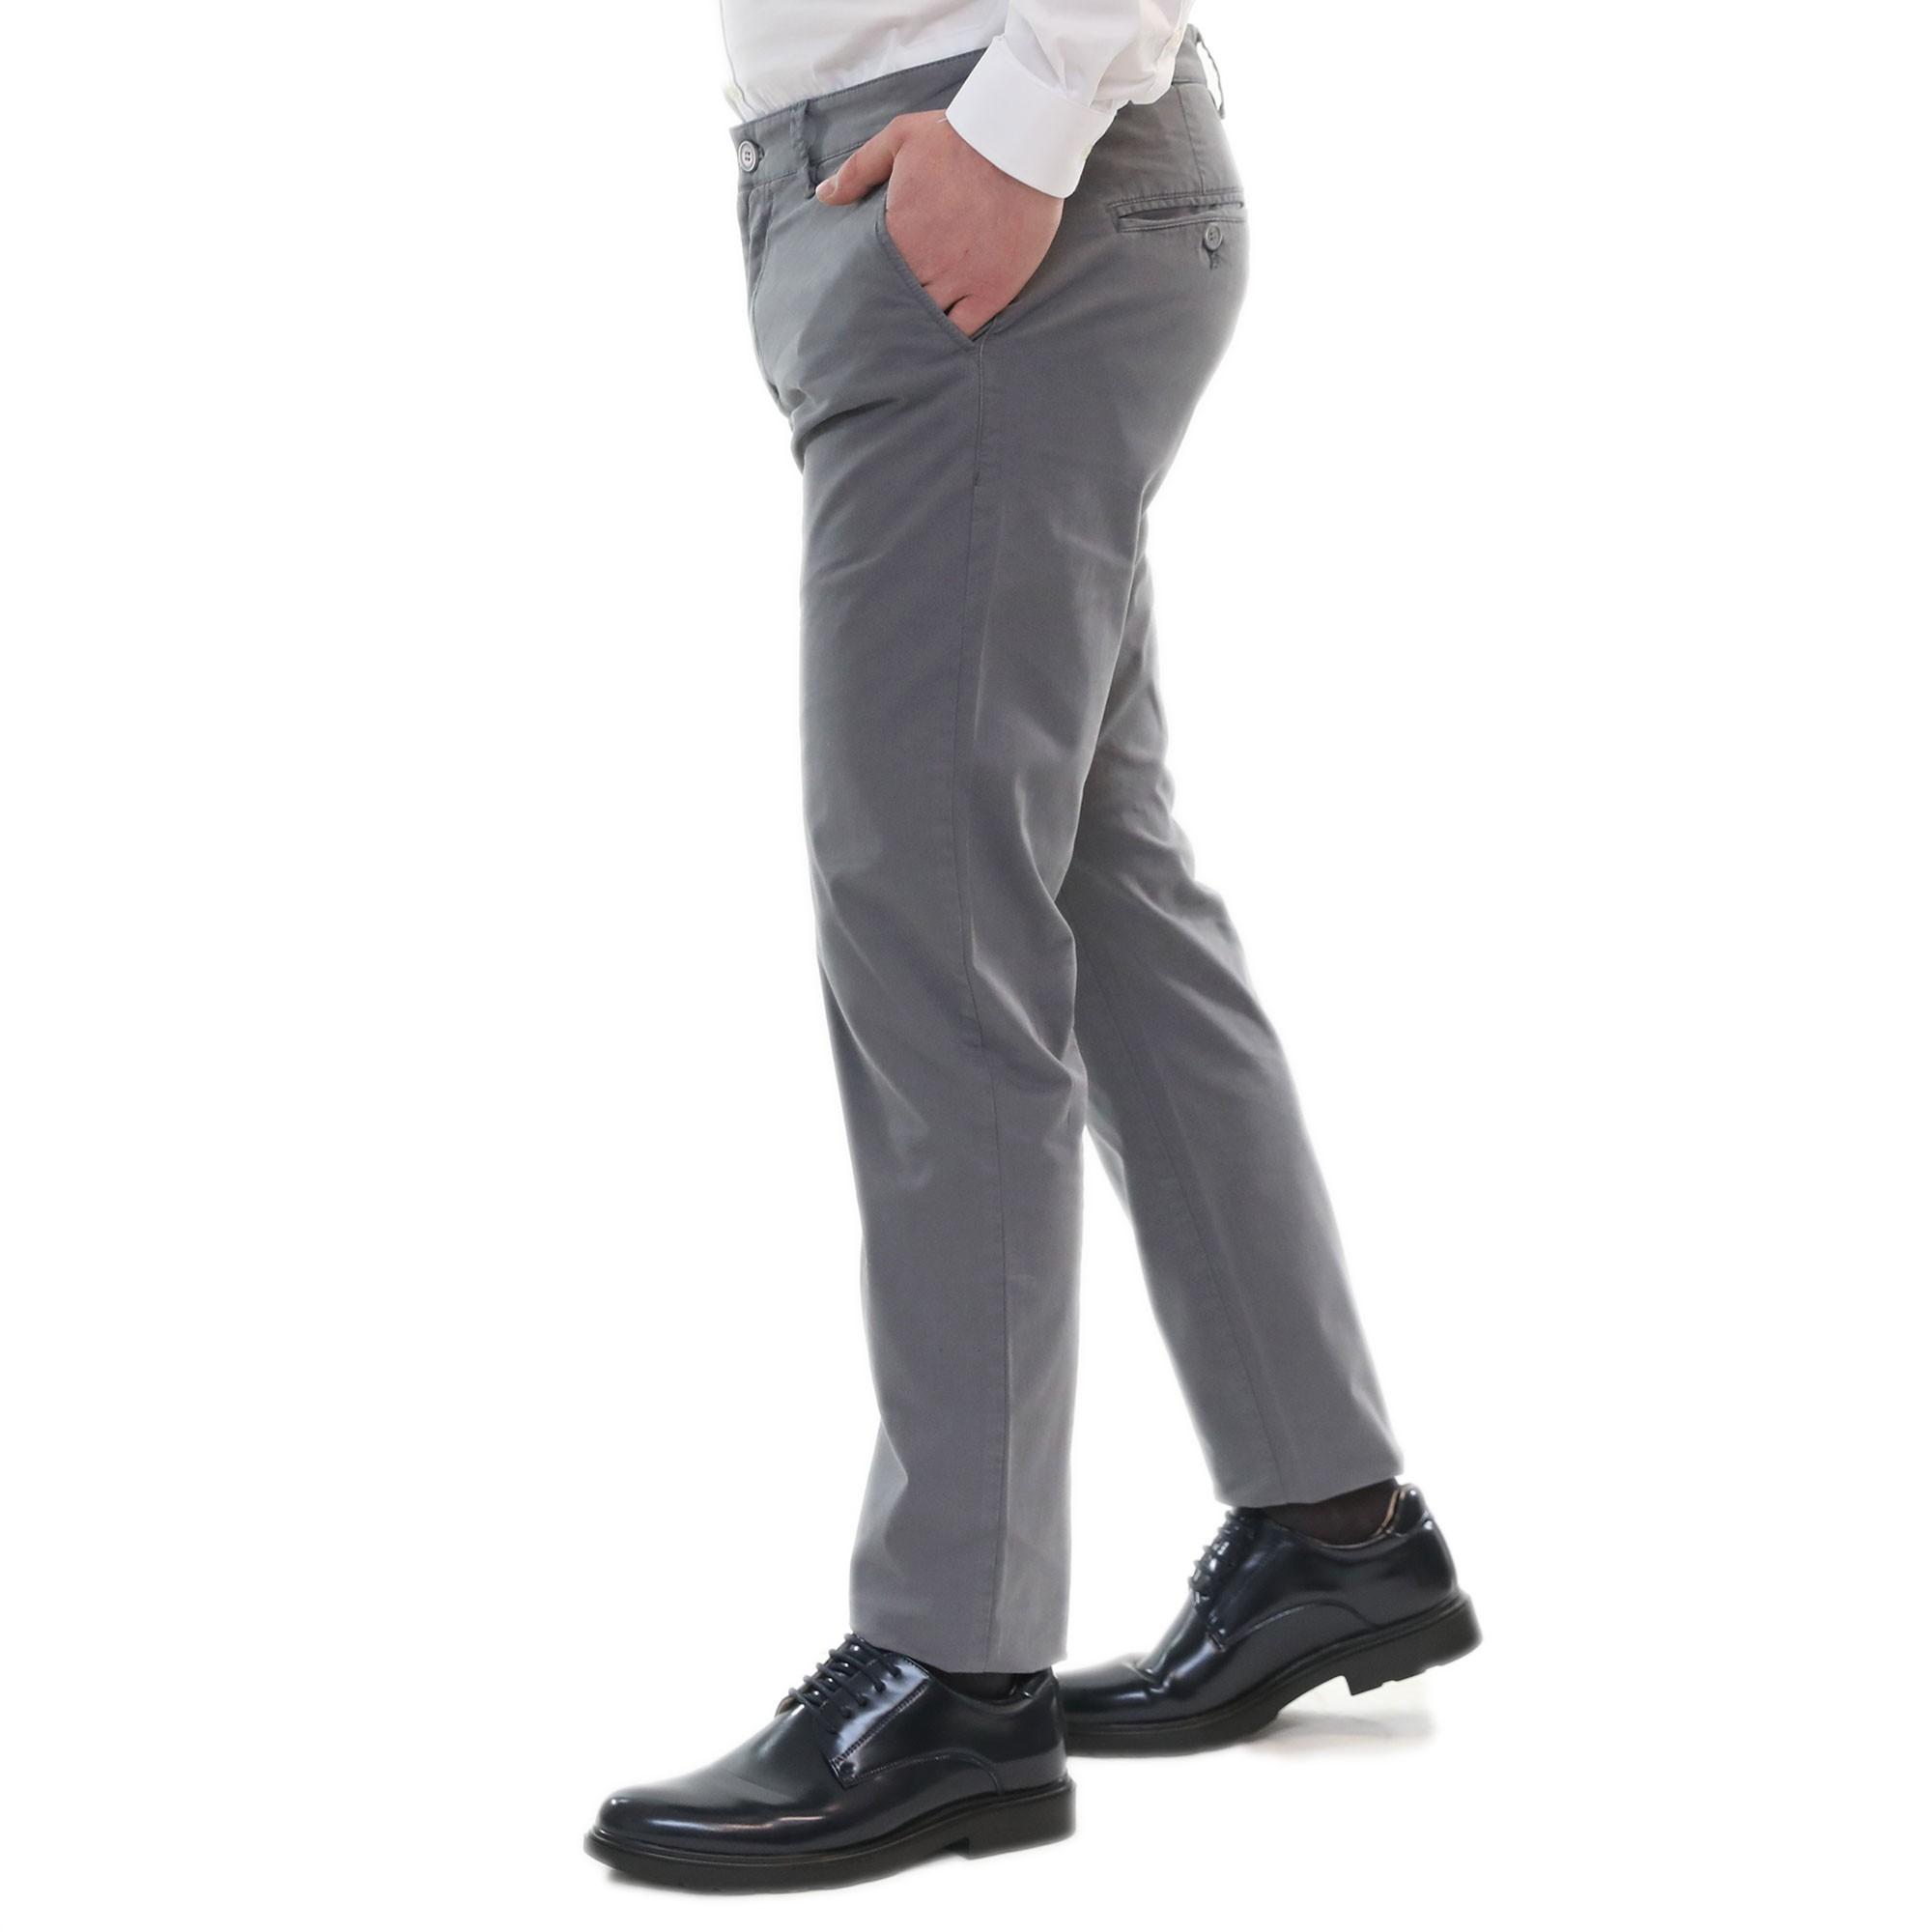 Pantalone-Uomo-Estivo-Cotone-Leggero-Chino-Slim-Fit-Elegante-Tasche-America miniatura 13